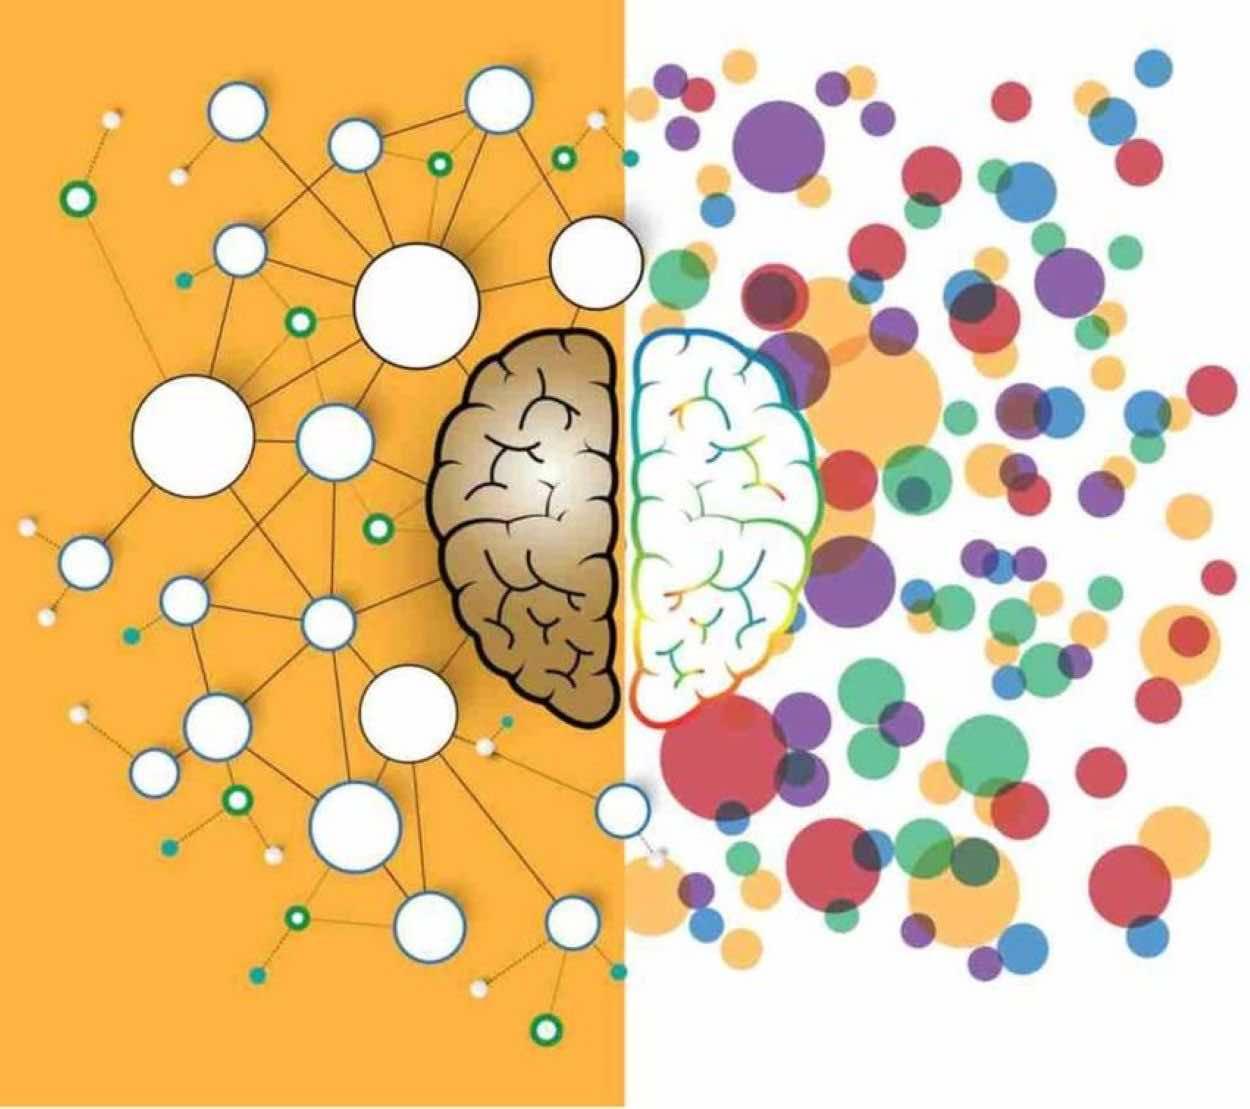 طريقة ظهور تشتت التركيز والانتباهأو زيادة الحركة تختلف في الكبار عما هي عند الاطفال